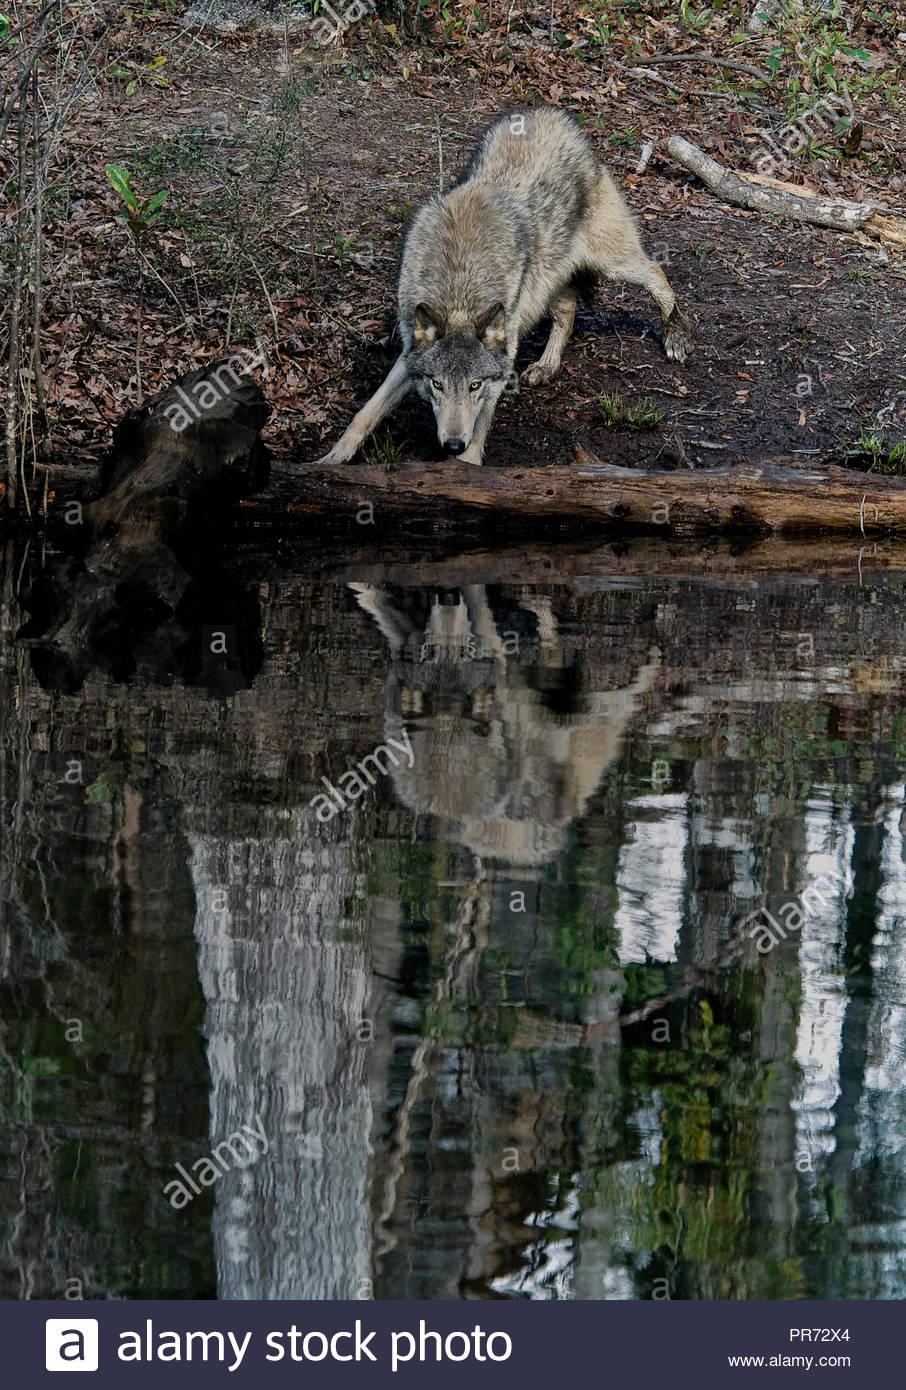 Timber Wolf (también conocido como un lobo gris o lobo gris) reflejada en el estanque Imagen De Stock